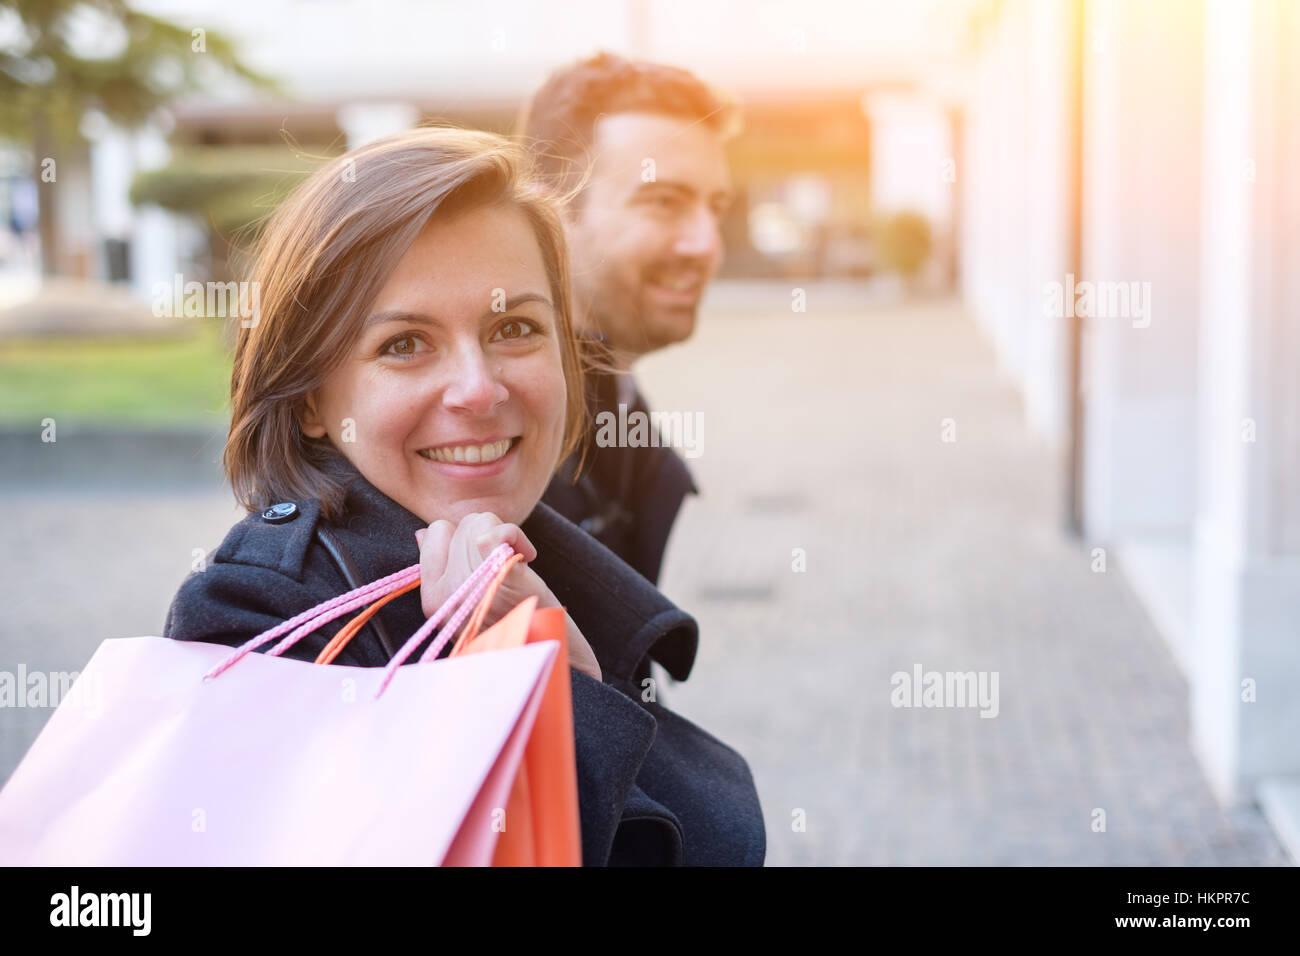 Paar in Einkaufszeit zu Fuß in die Stadt Straße Stockbild